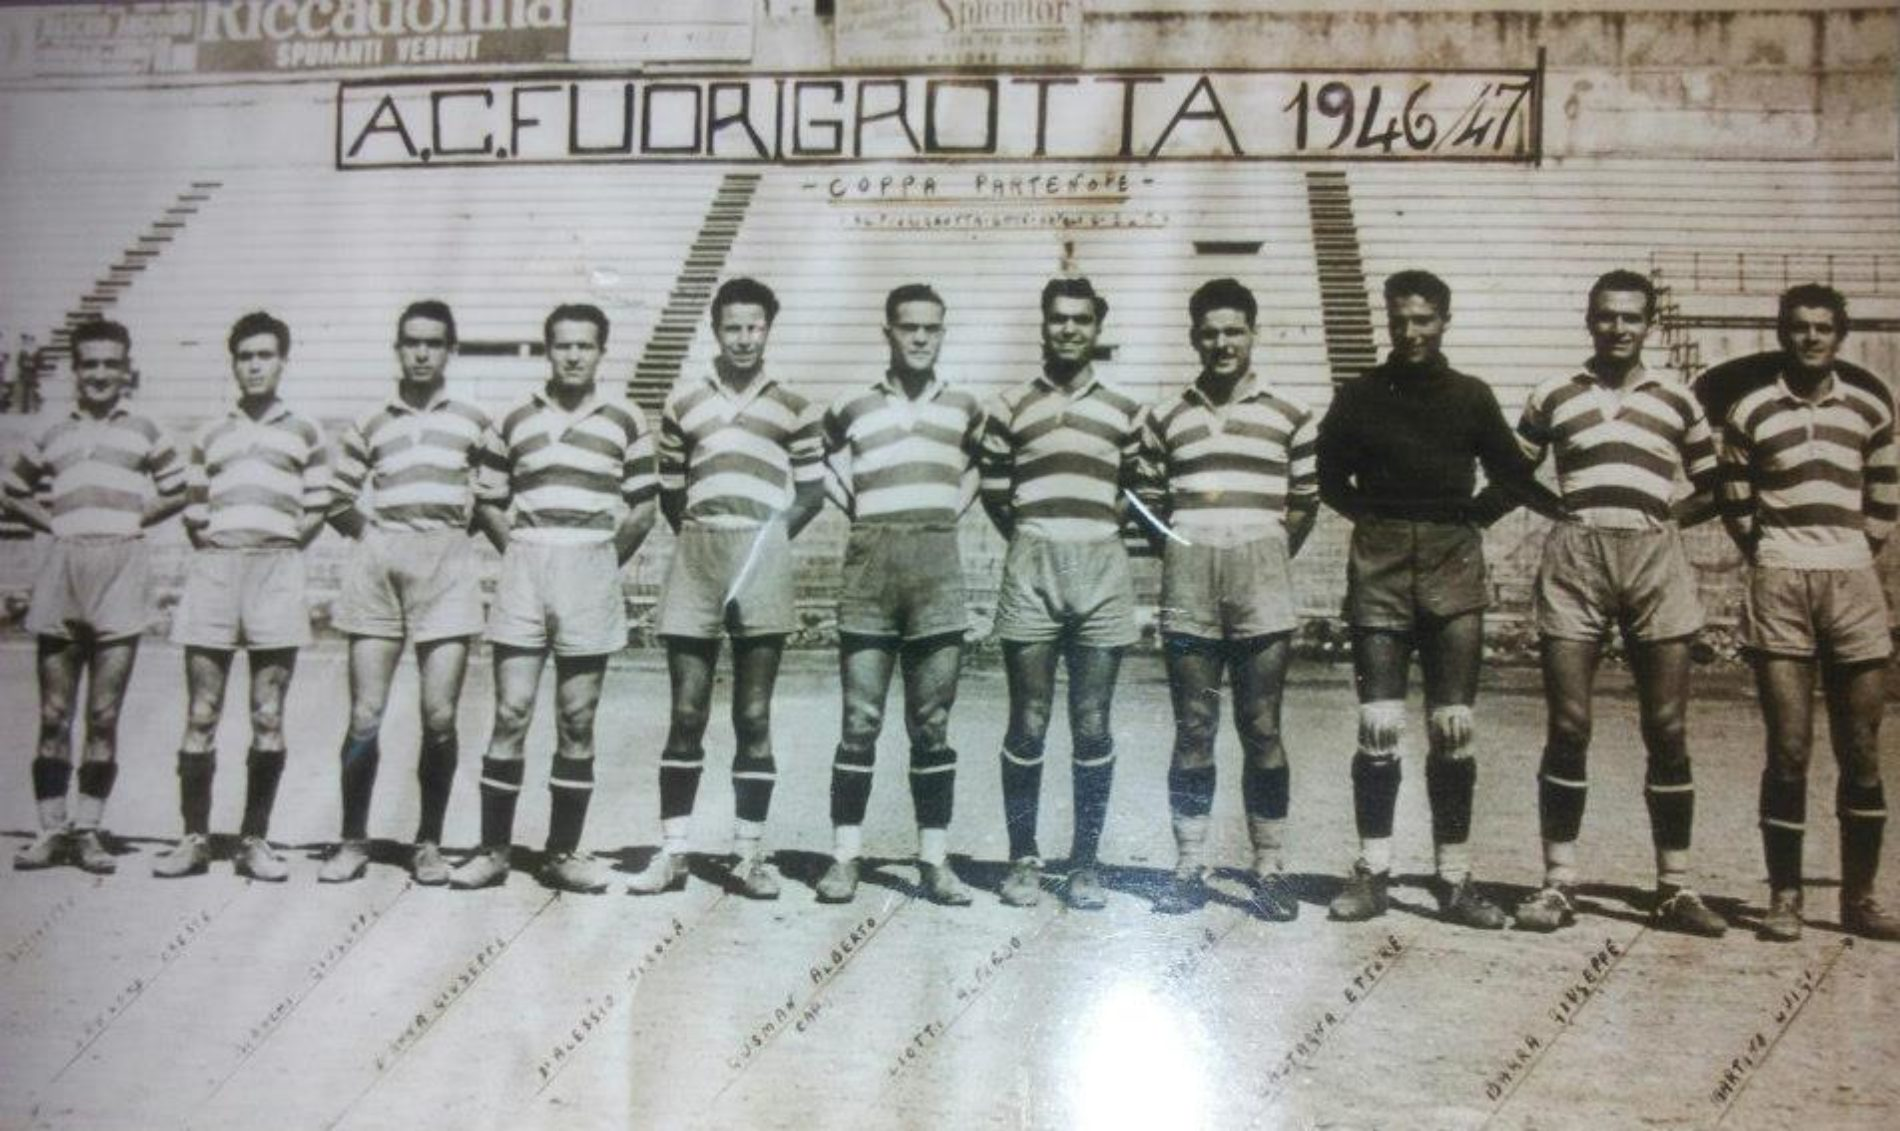 Brevi cenni della storia sportiva a Fuorigrotta